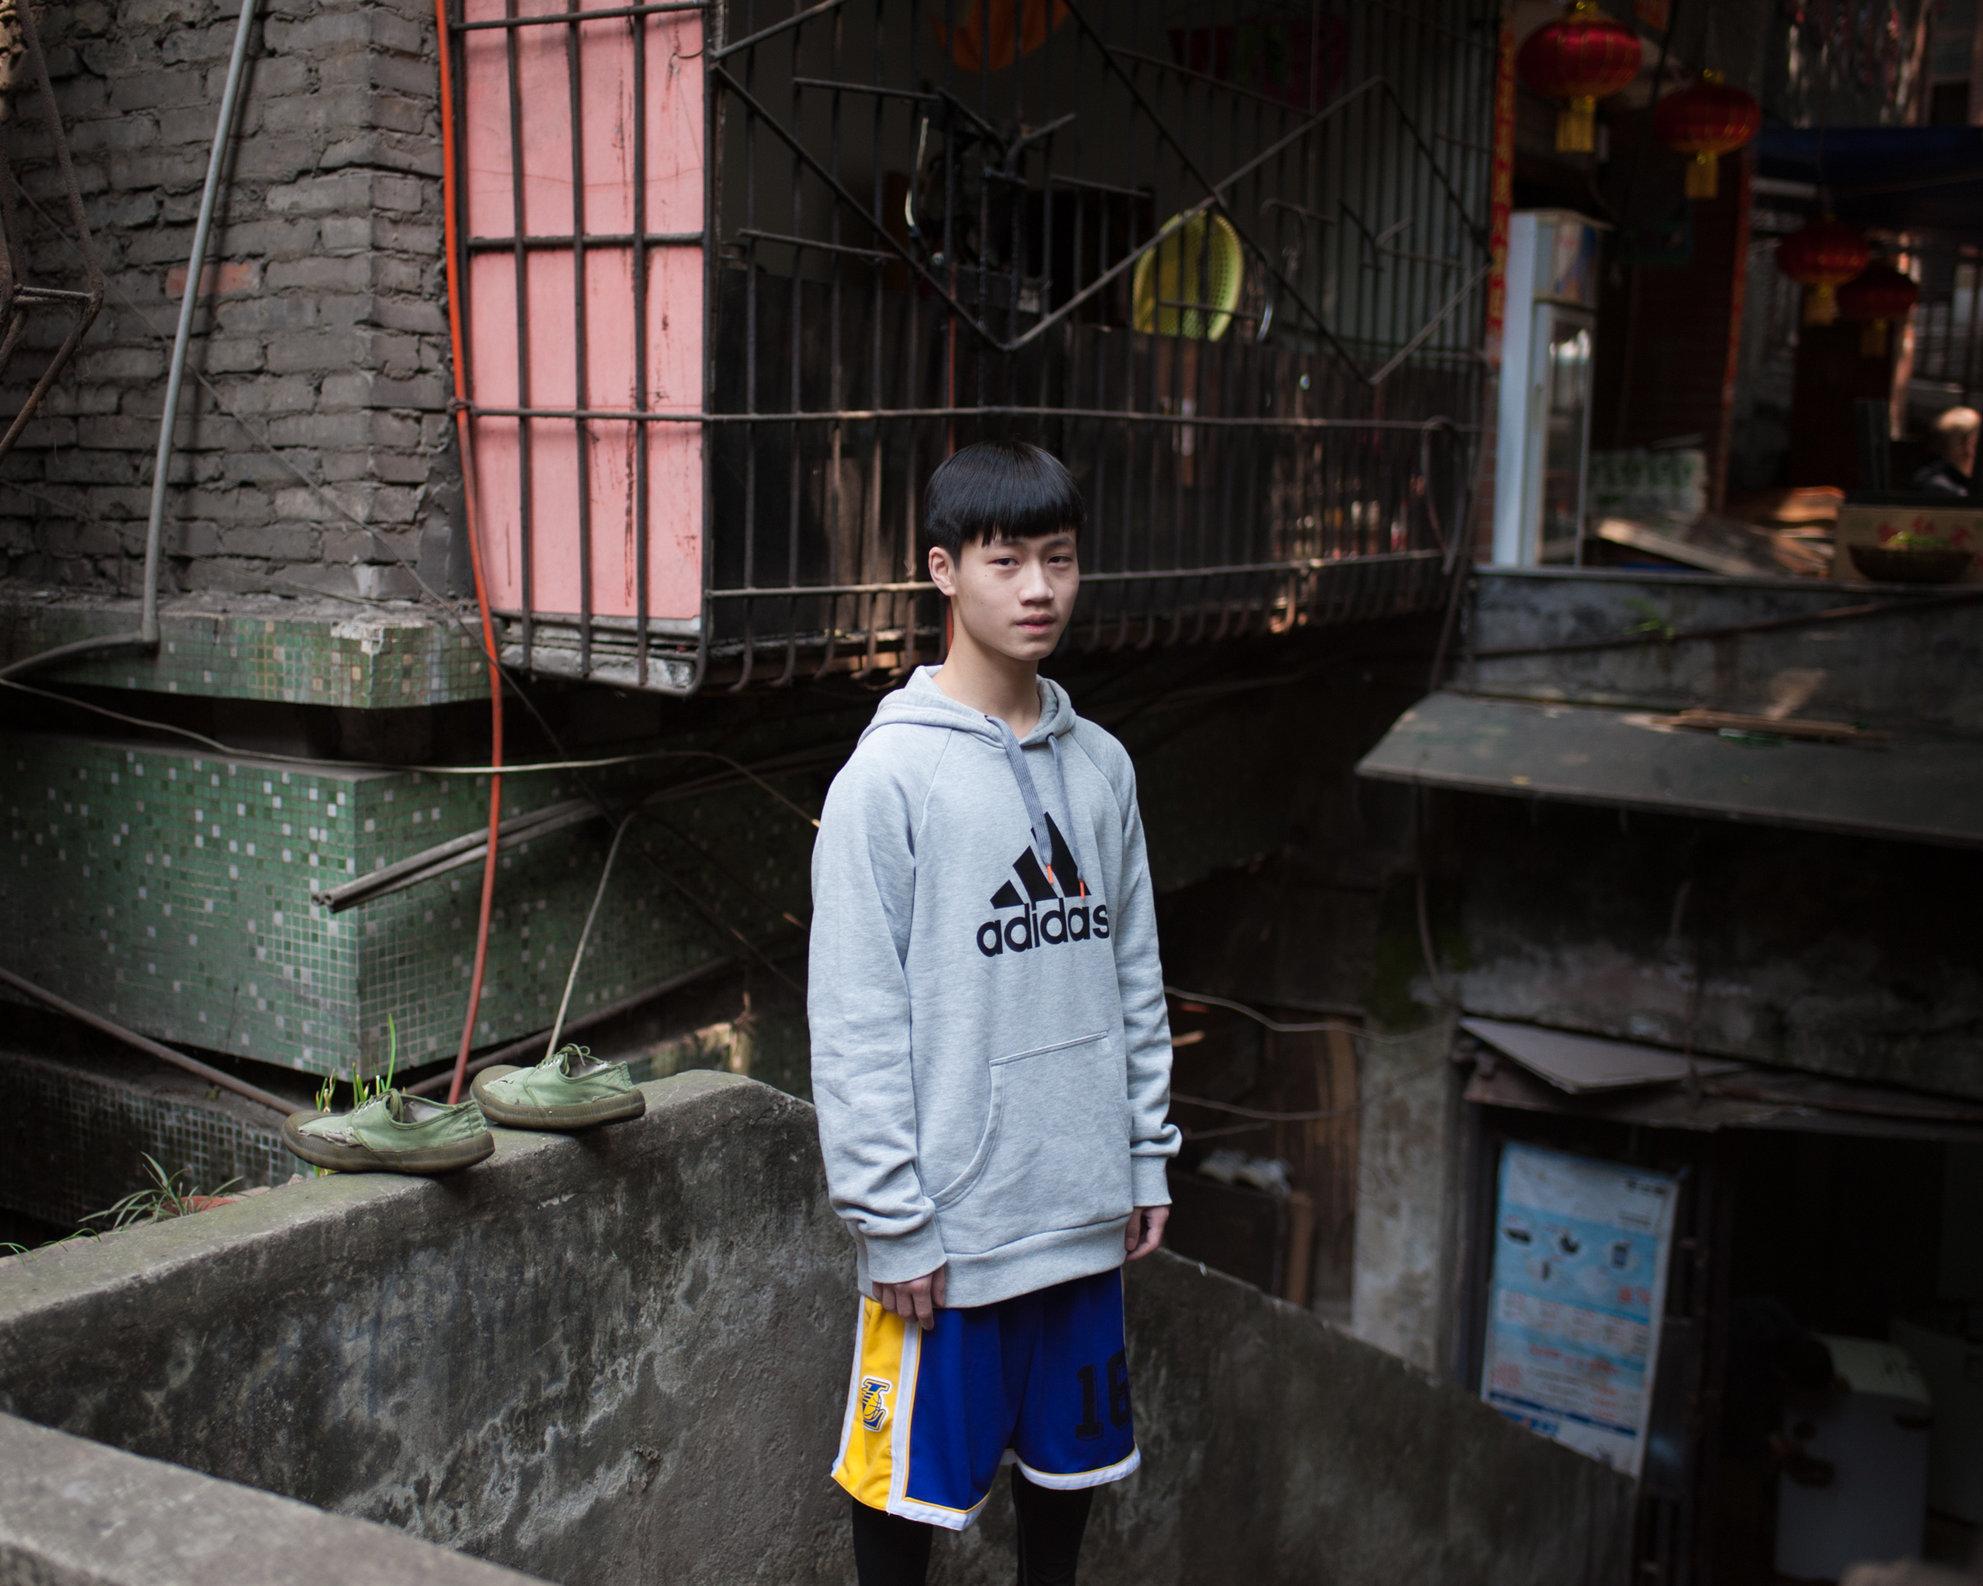 10_julien_hazemann_portraits CQ.jpg